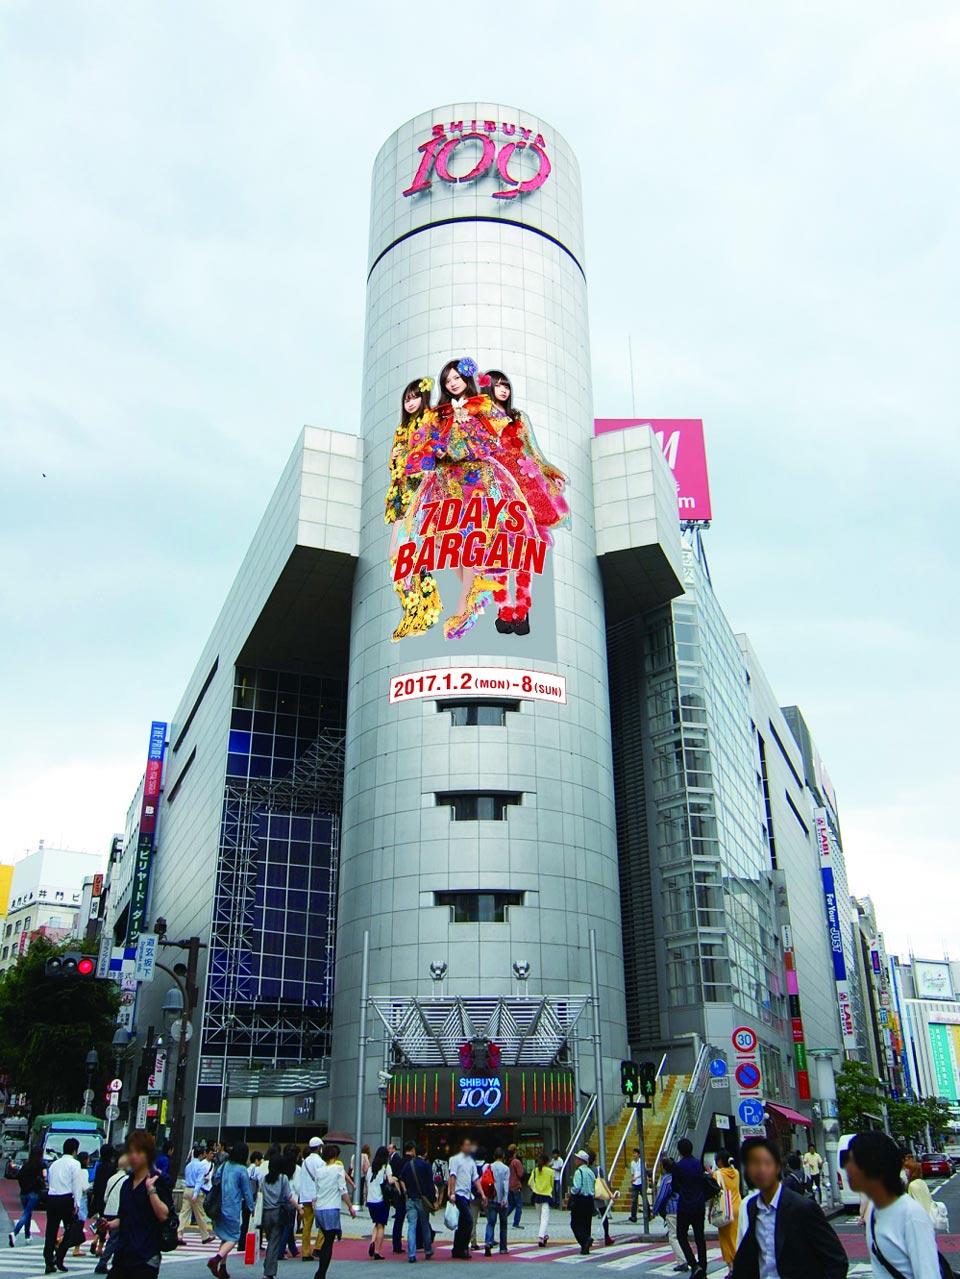 乃木坂46 SHIBUYA109福神 produced by TGC シリンダー広告